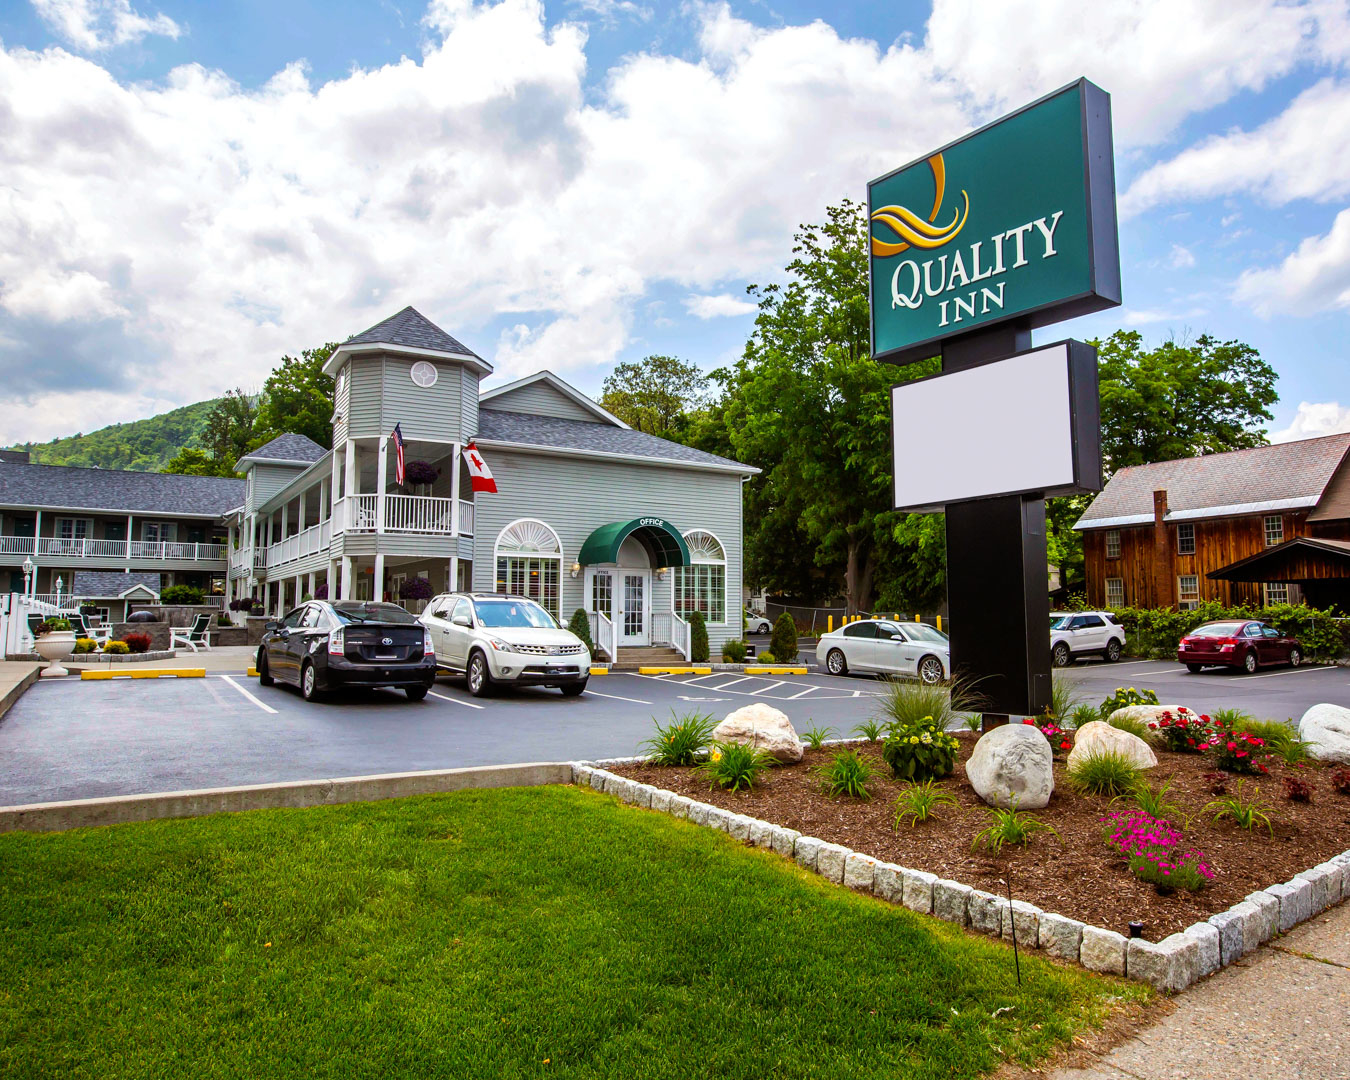 Quality Inn Lake George Coupons Near Me In Lake George